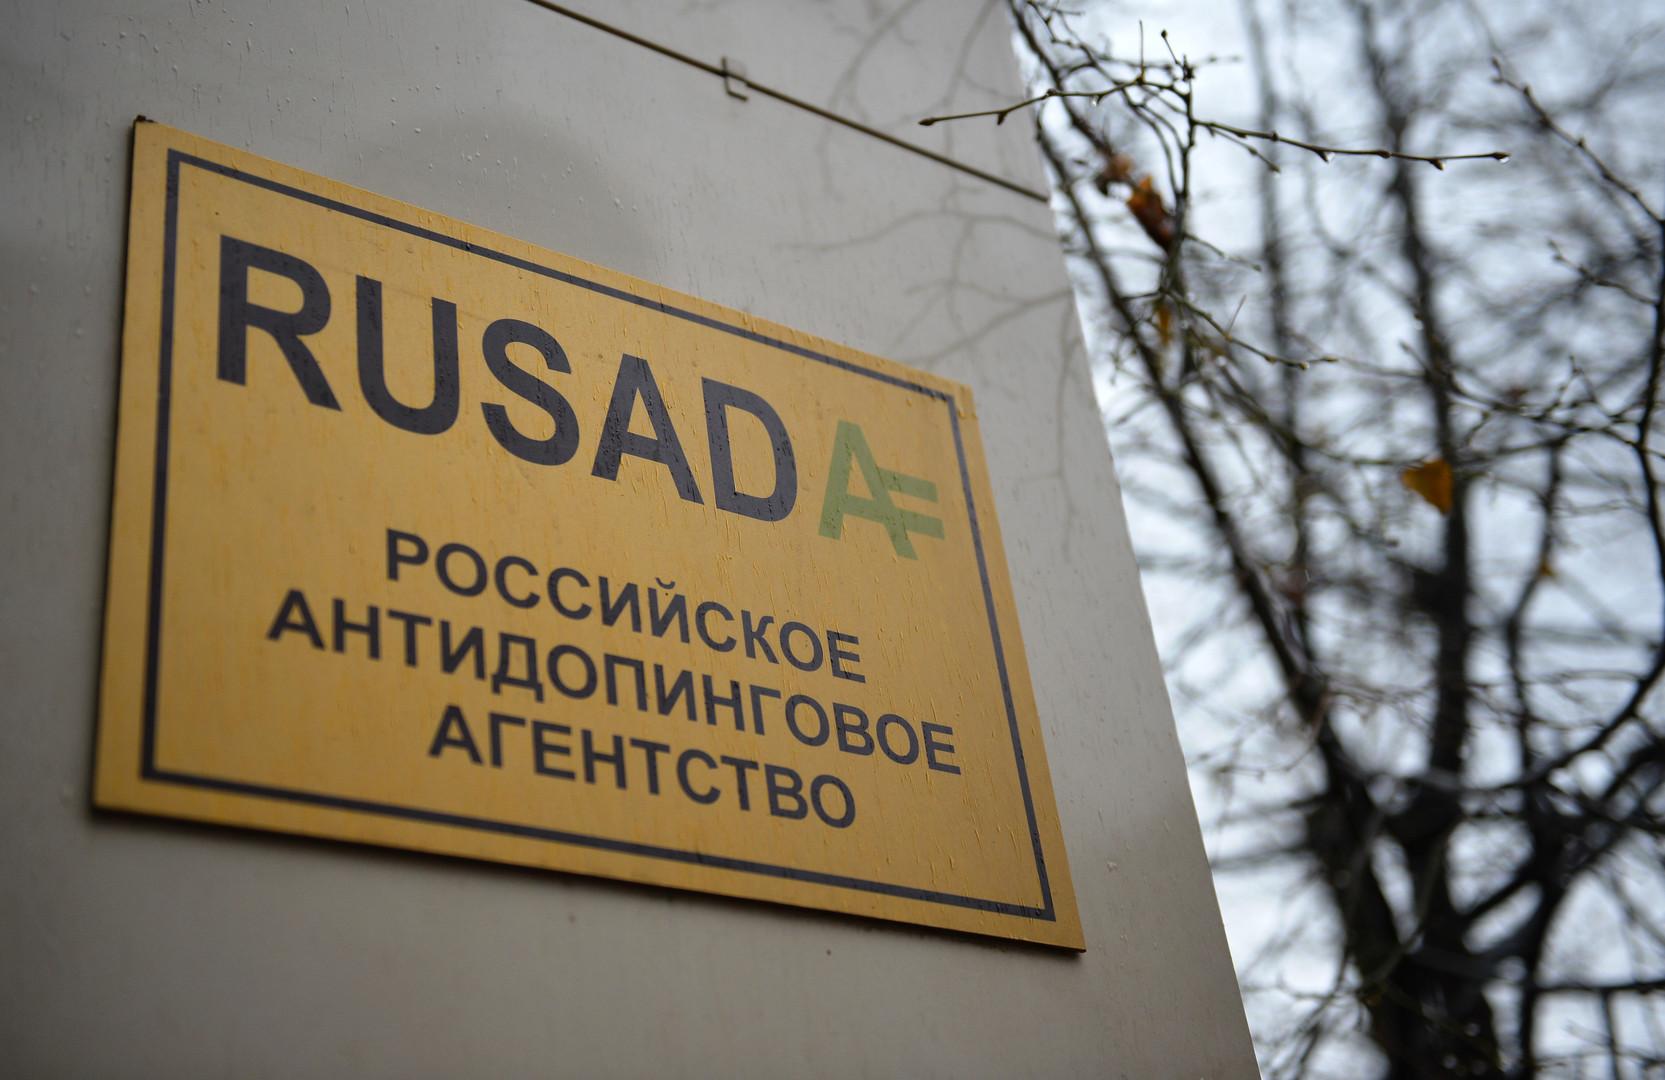 Министерство спорта России выходит из состава РУСАДА